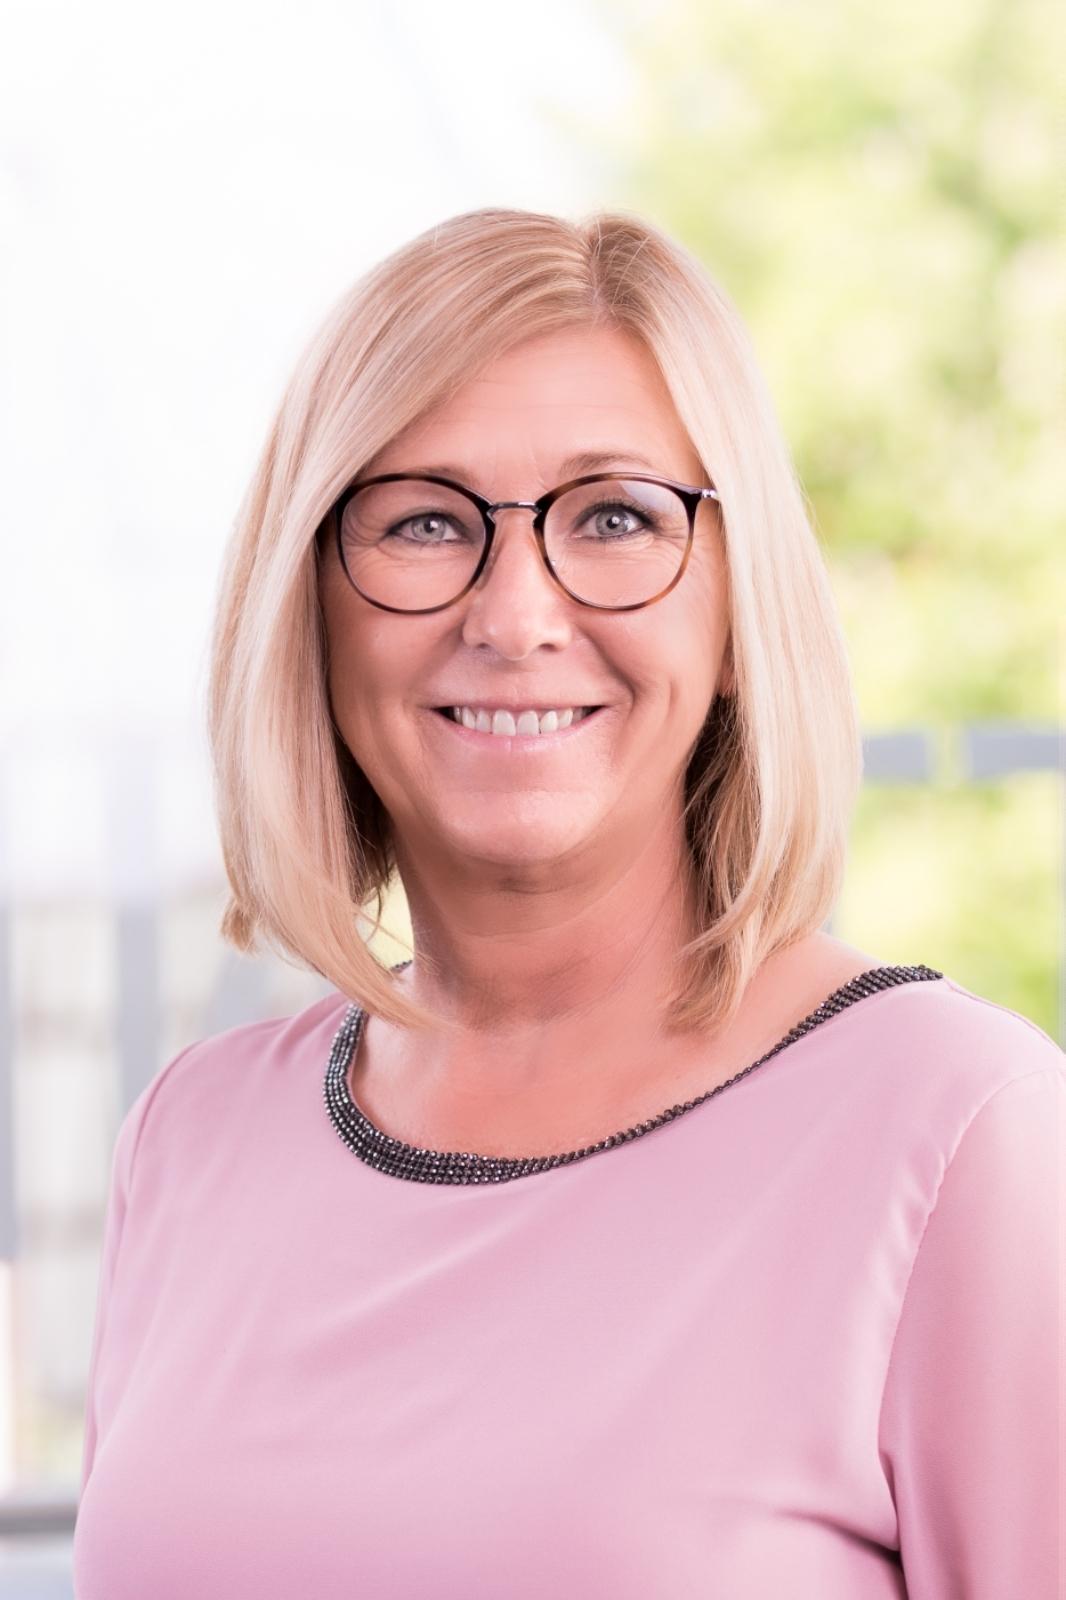 Simone Repper